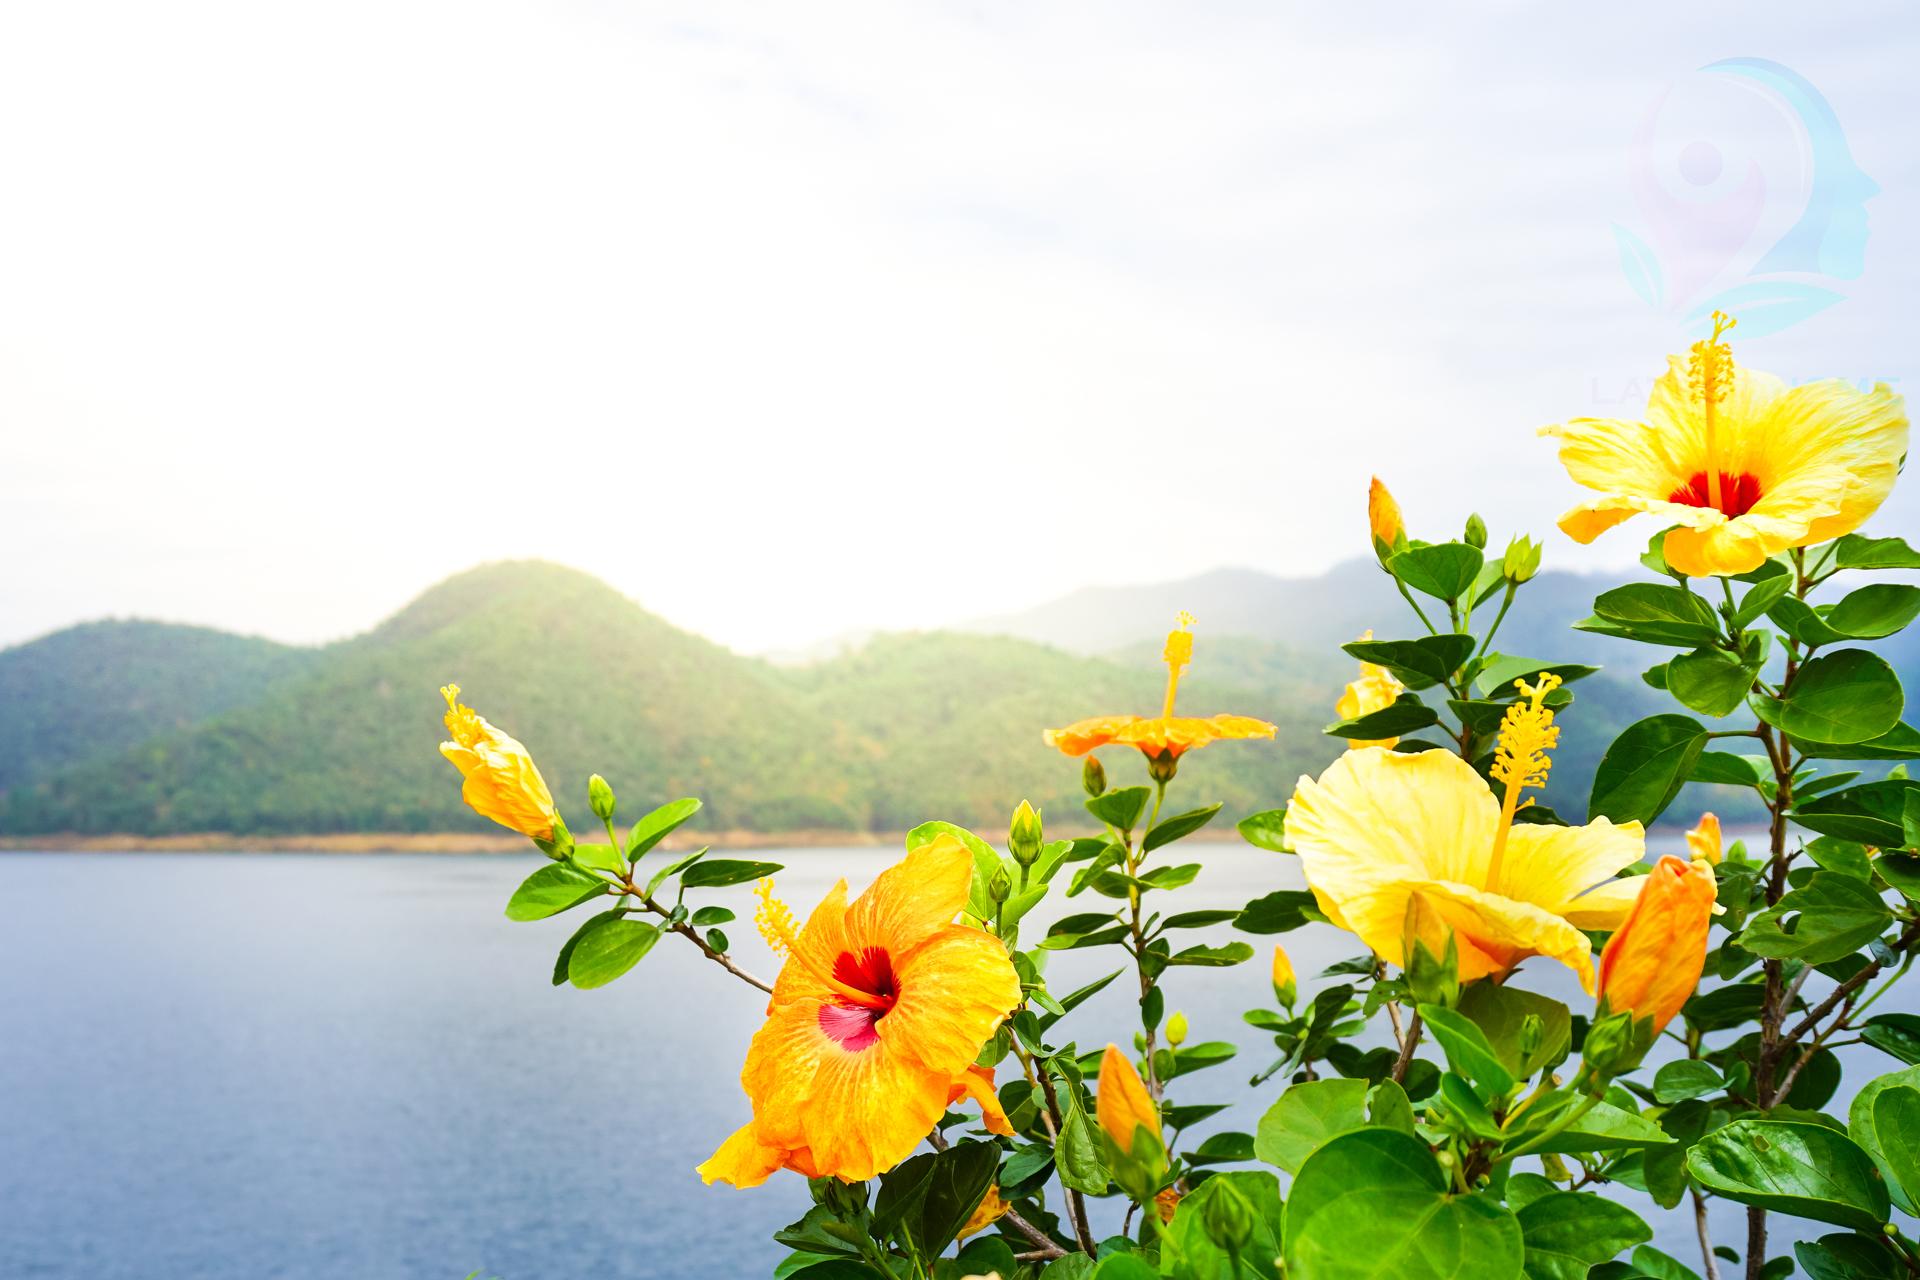 Chinese hibiscus flower